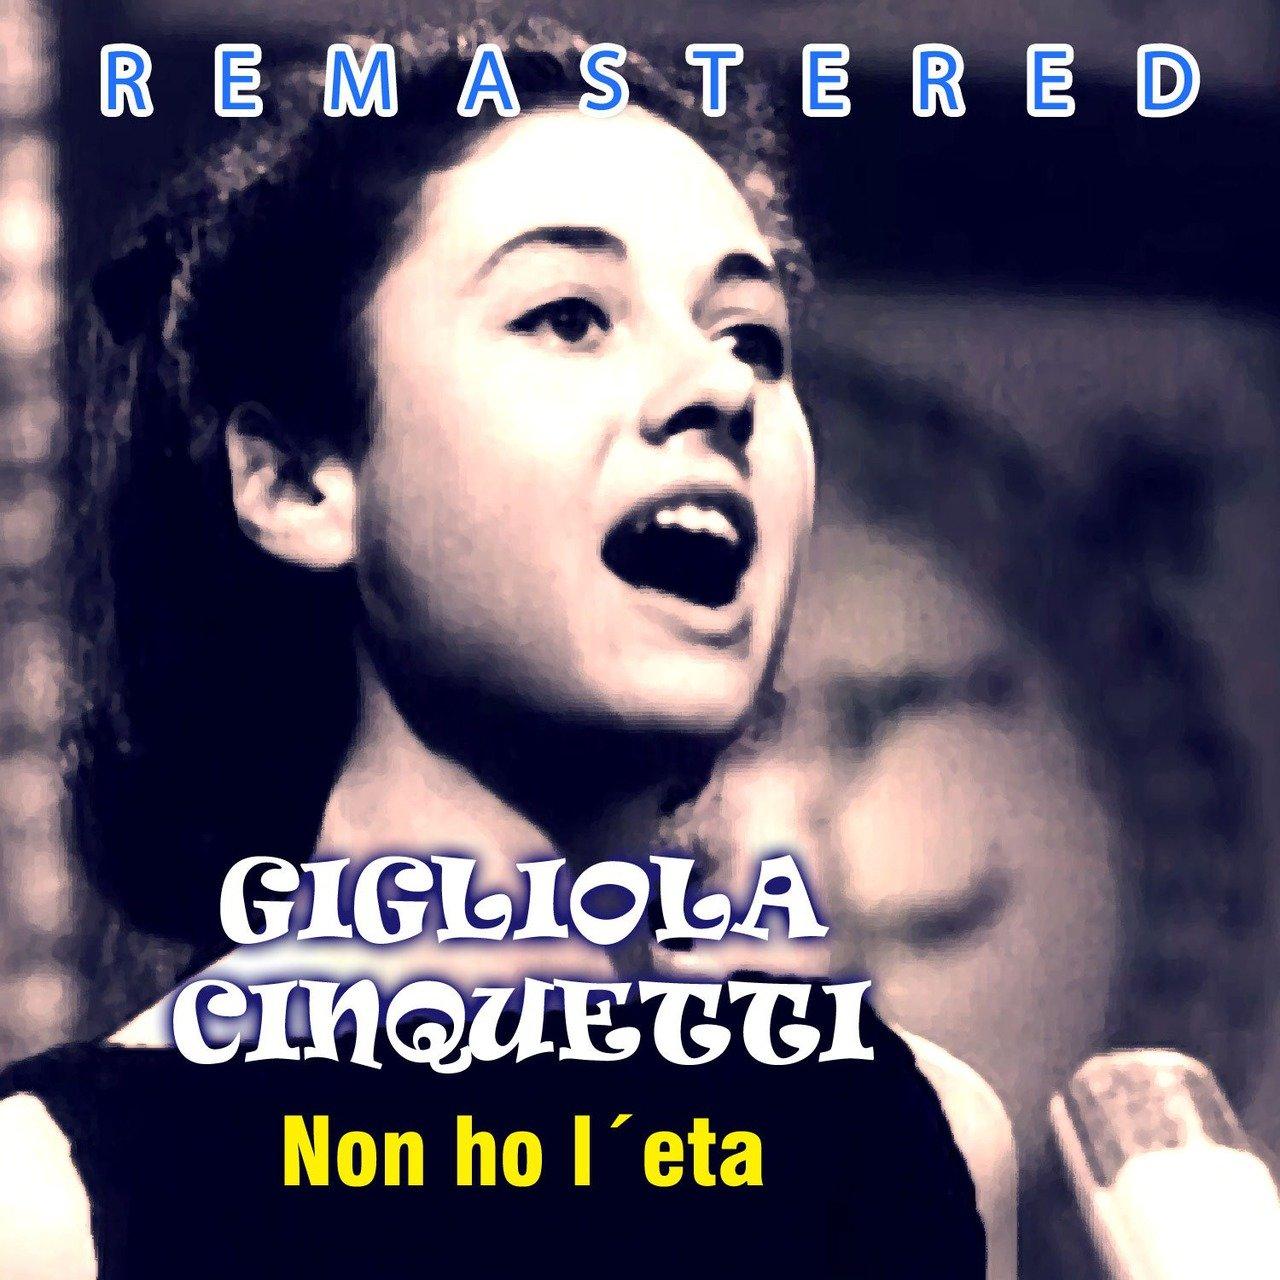 Resultado de imagen para Gigliola Cinquetti - Dio come ti amo (Remastered).